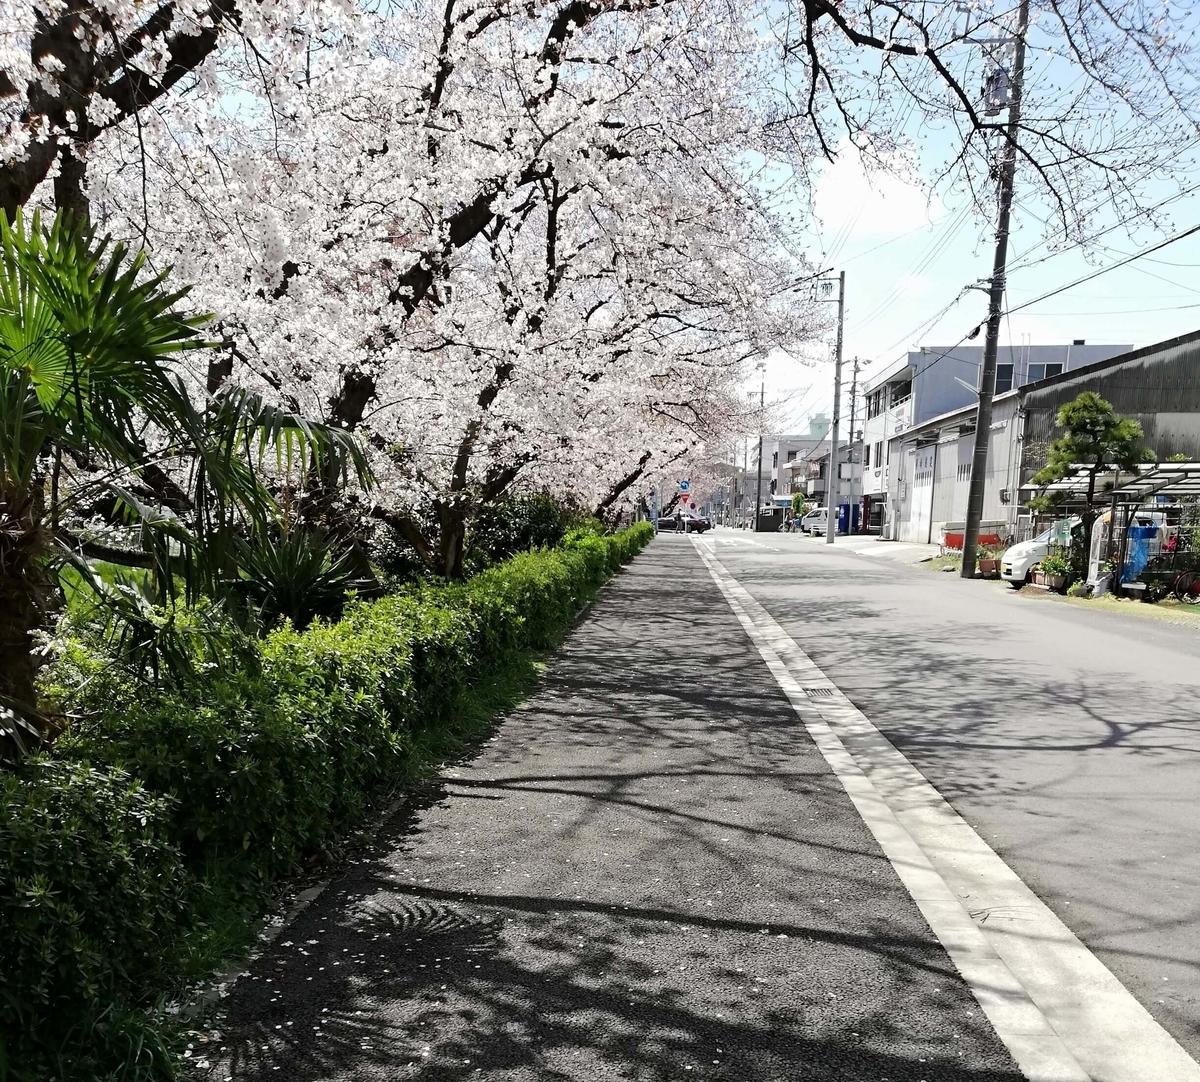 愛知県内でペットと遊ぶ:黒川桜まつり 住宅街の桜